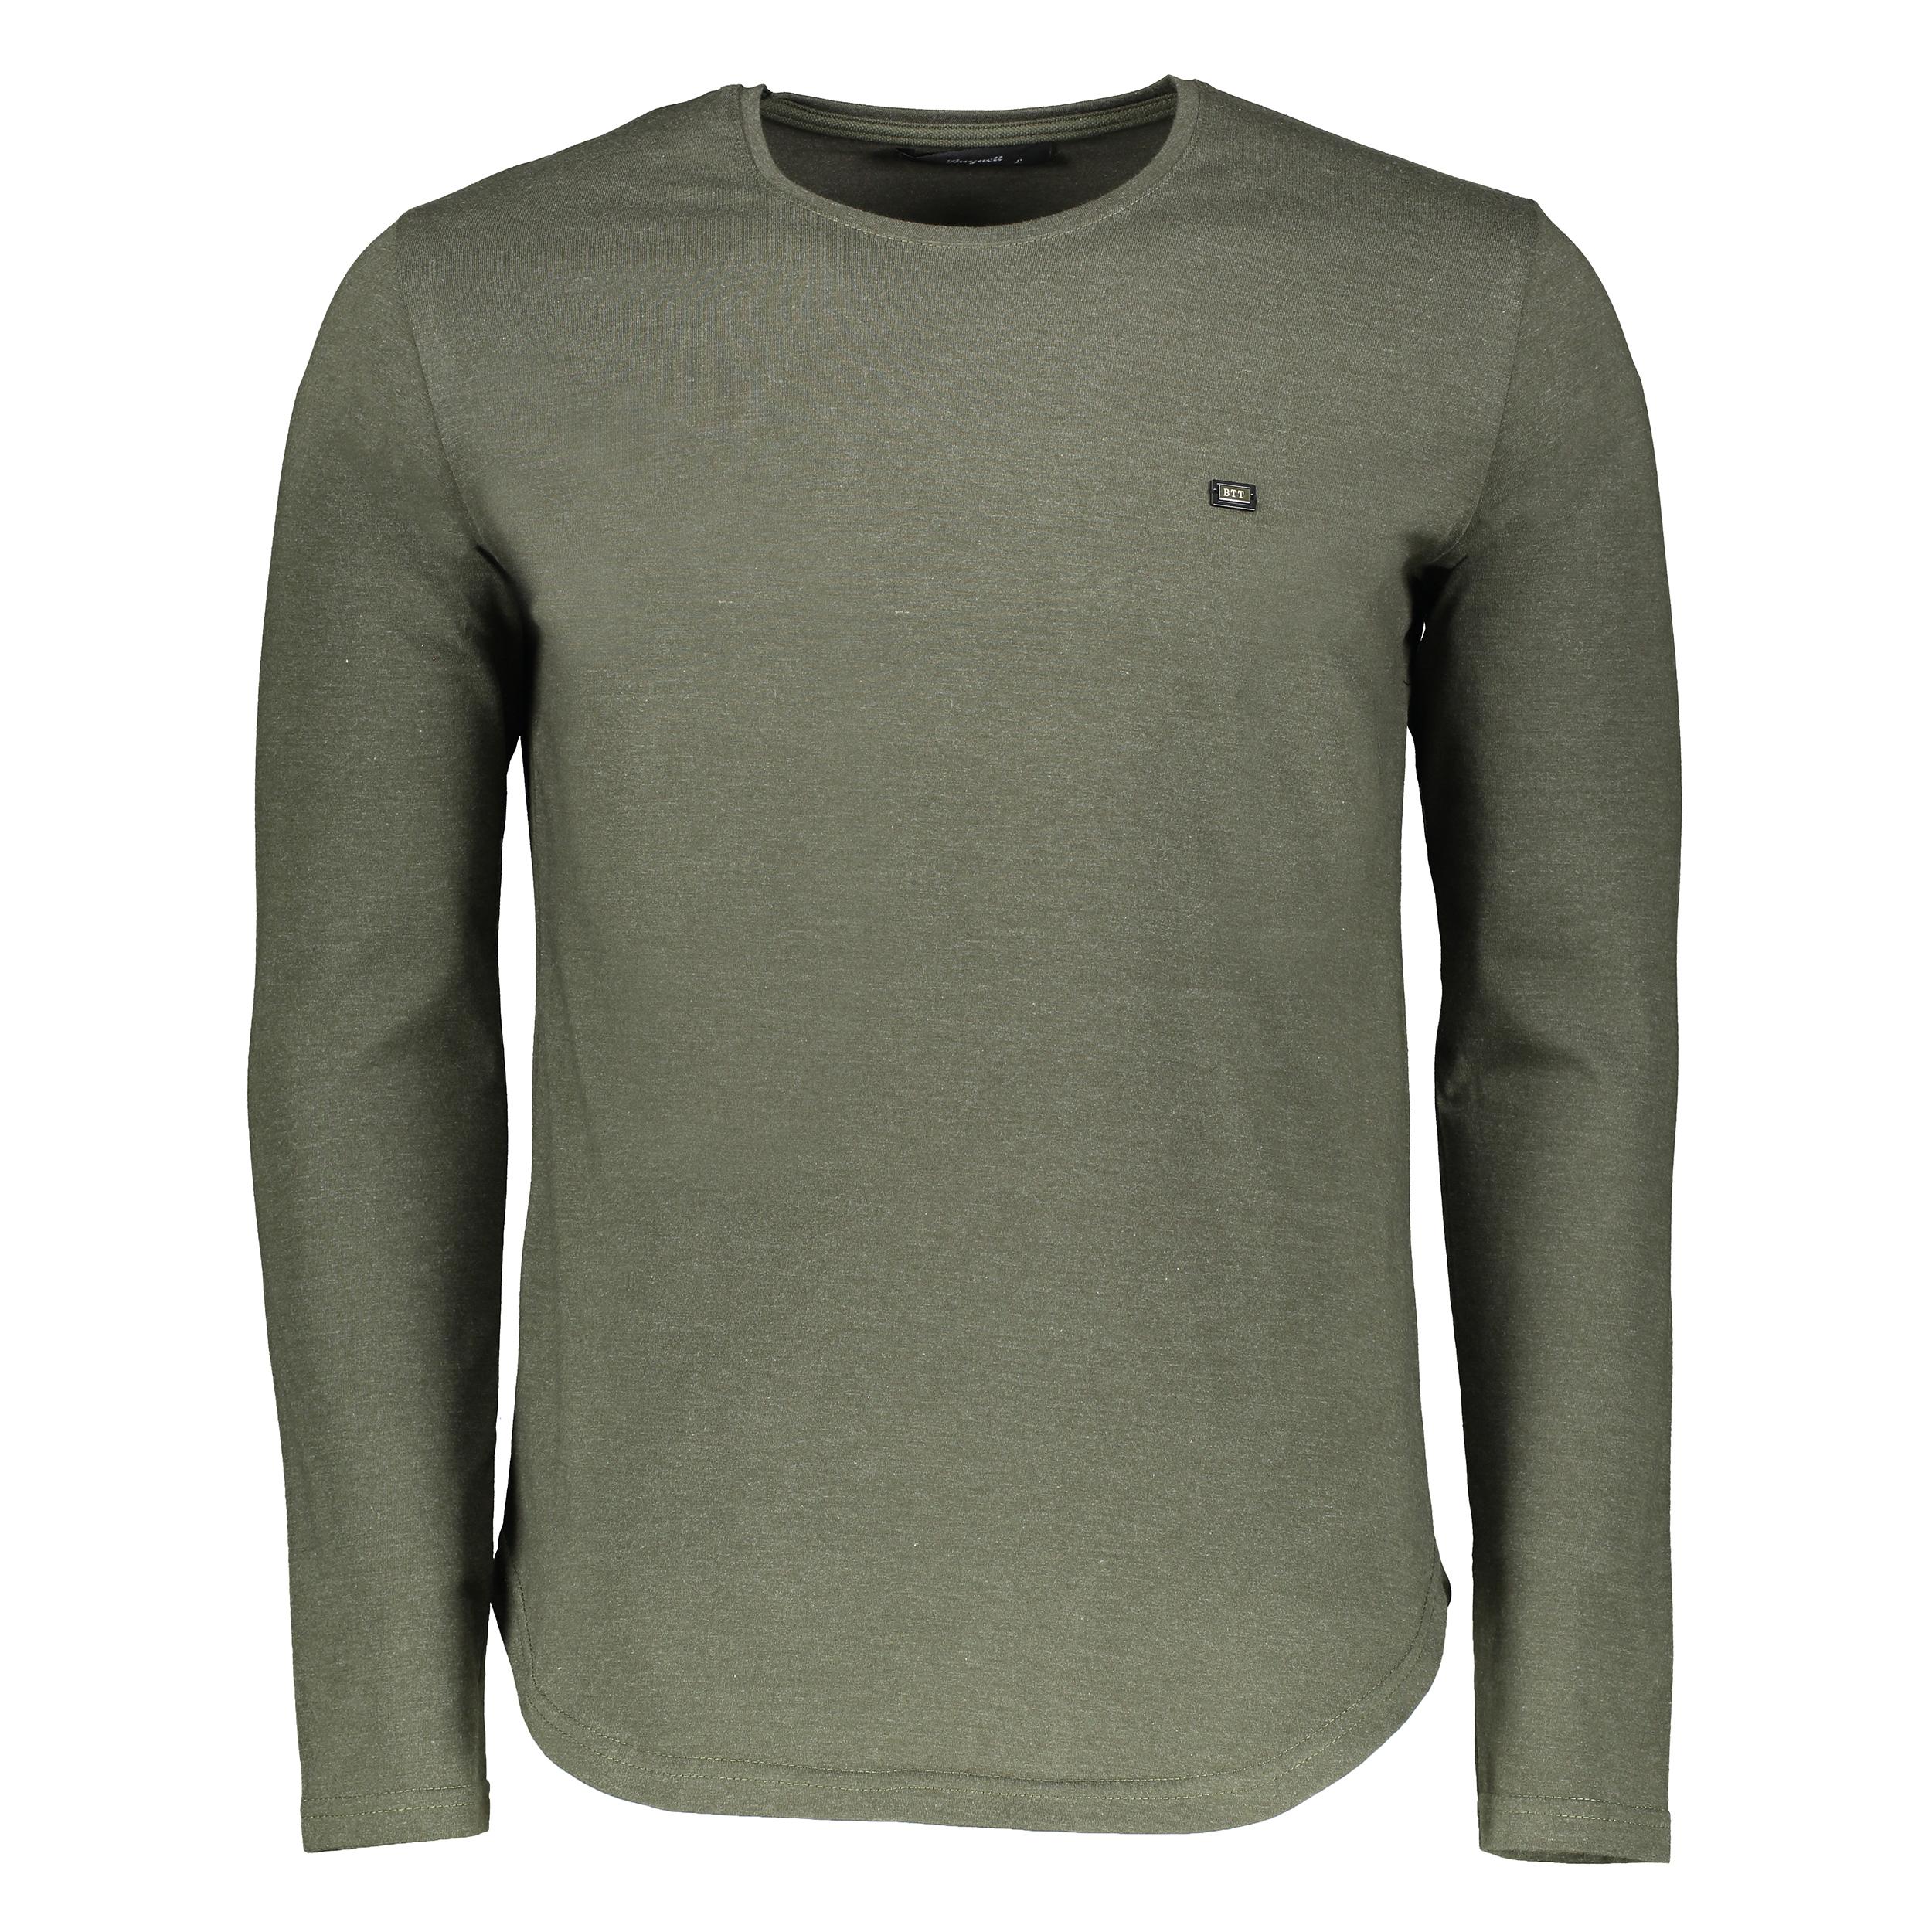 تی شرت آستین بلند مردانه بای نت کد 303-4 btt